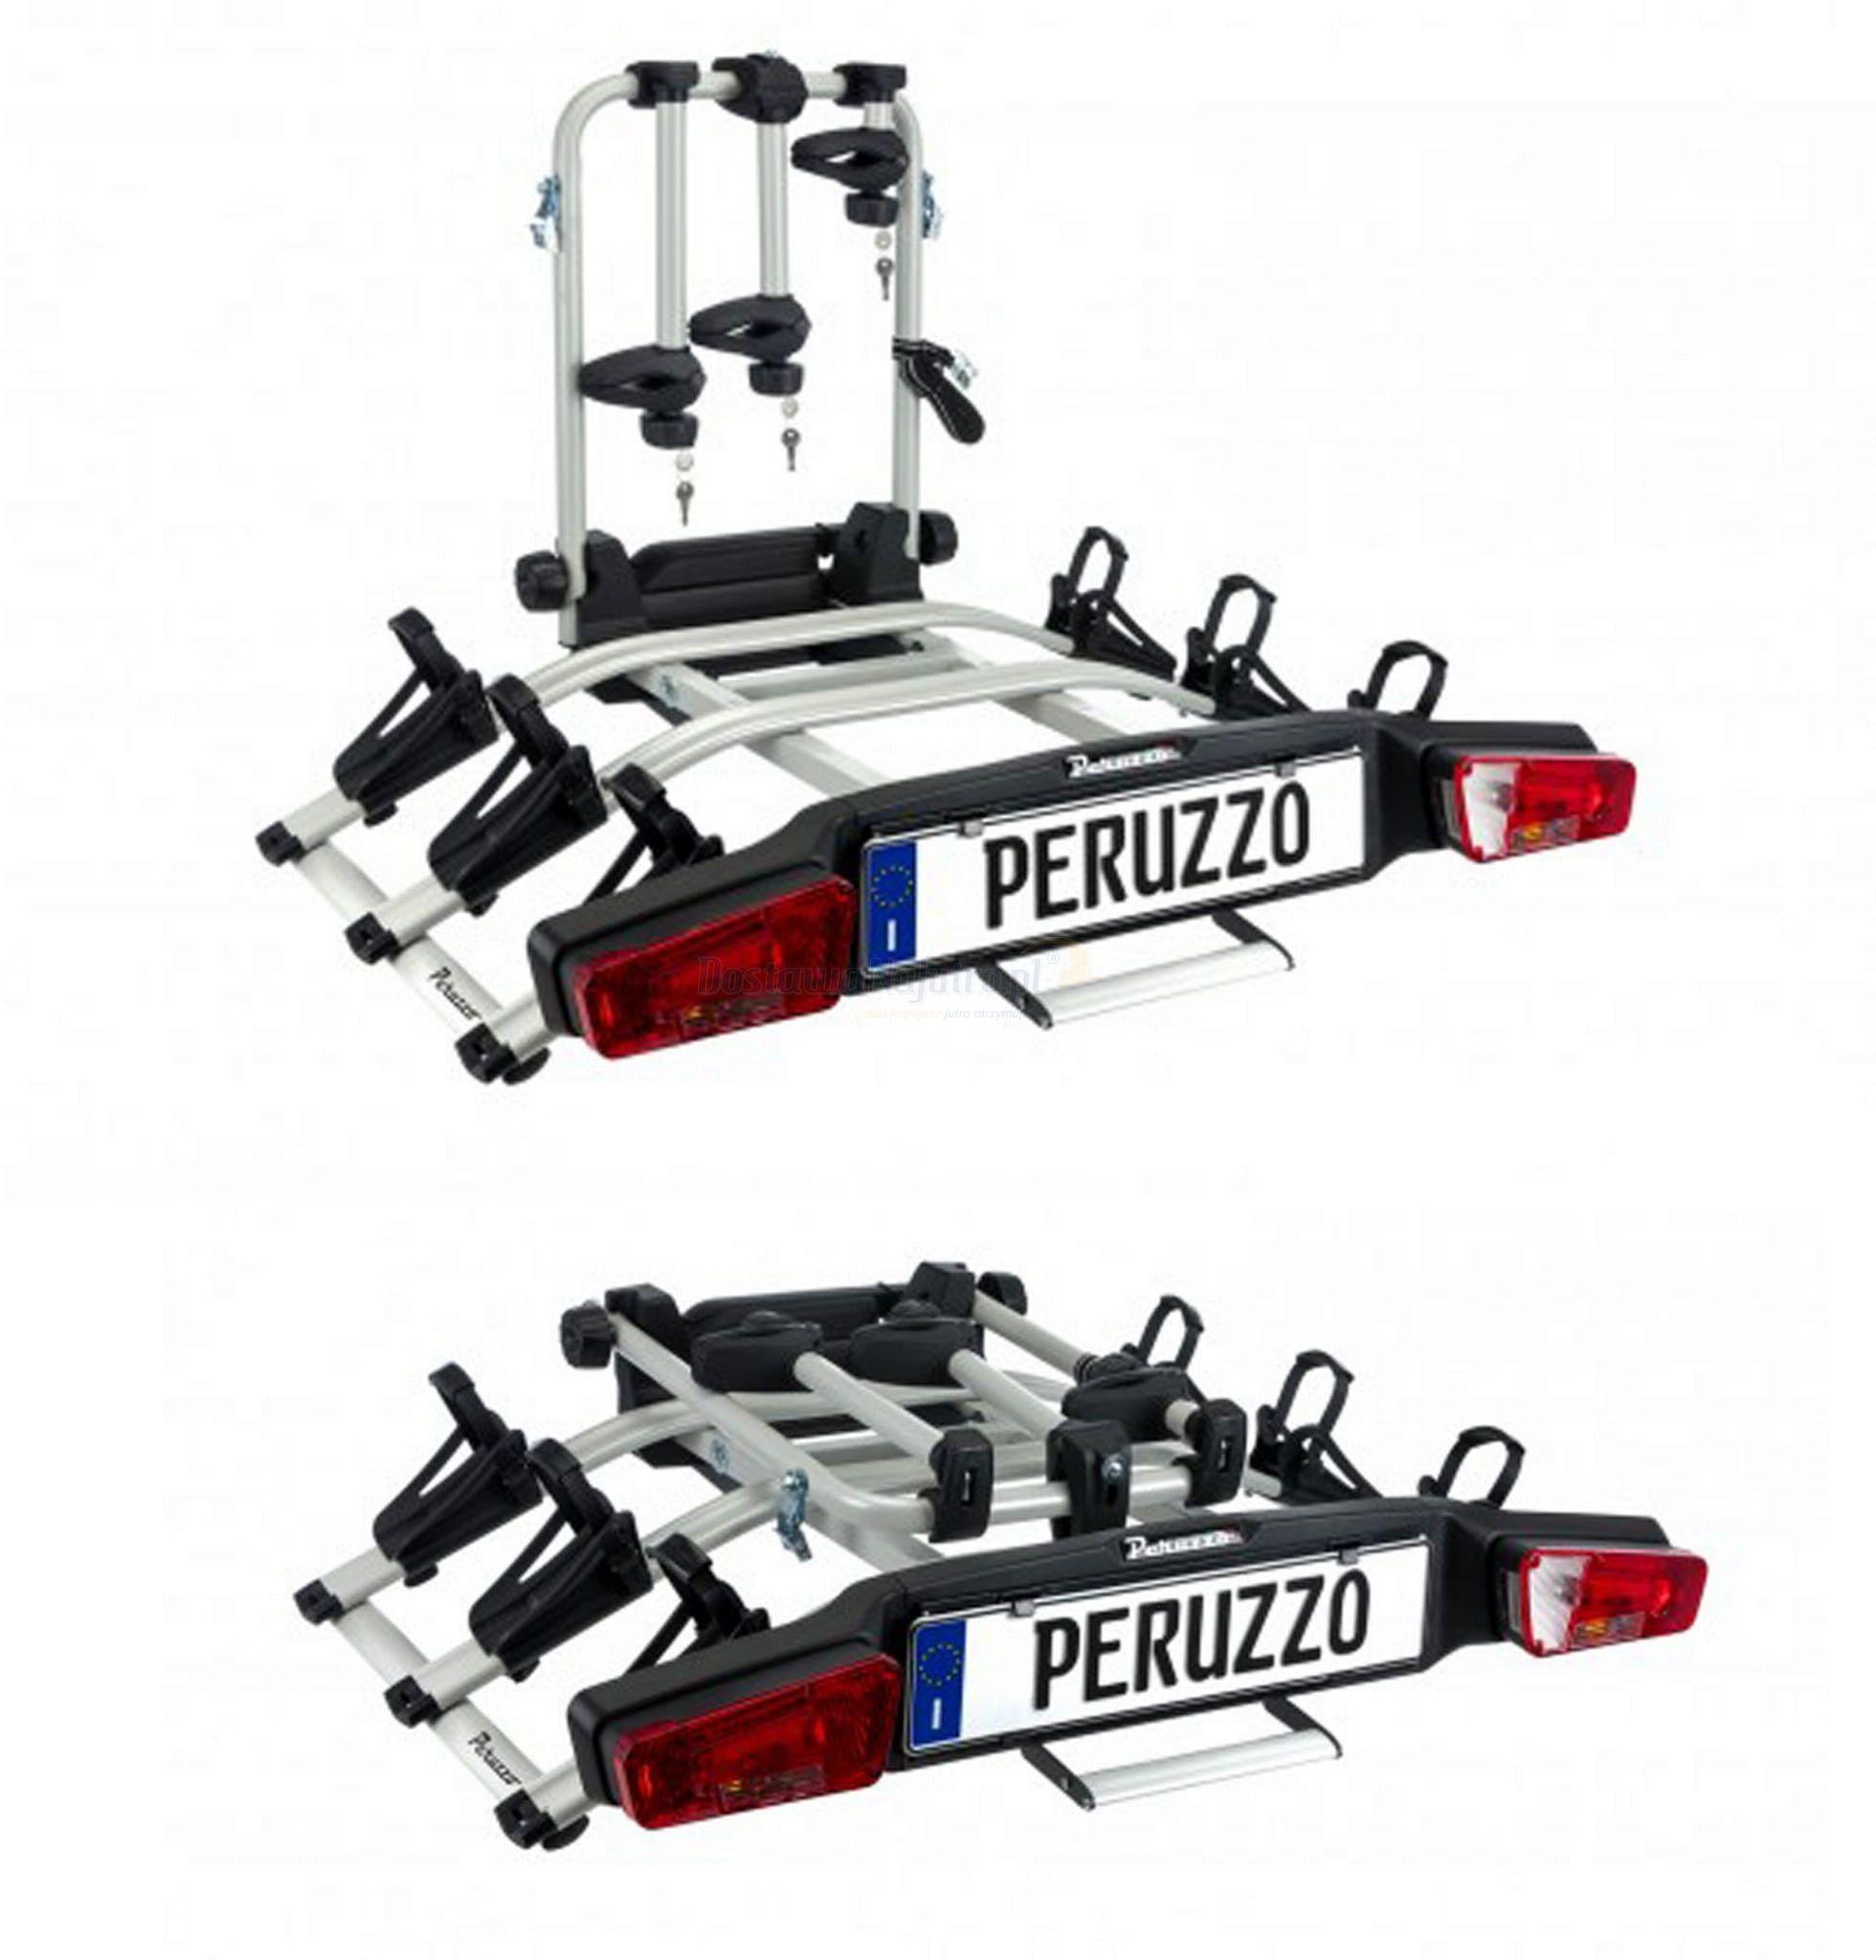 Bagażnik rowerowy składany Peruzzo Zephyr platforma na hak do przewozu 3 rowerów